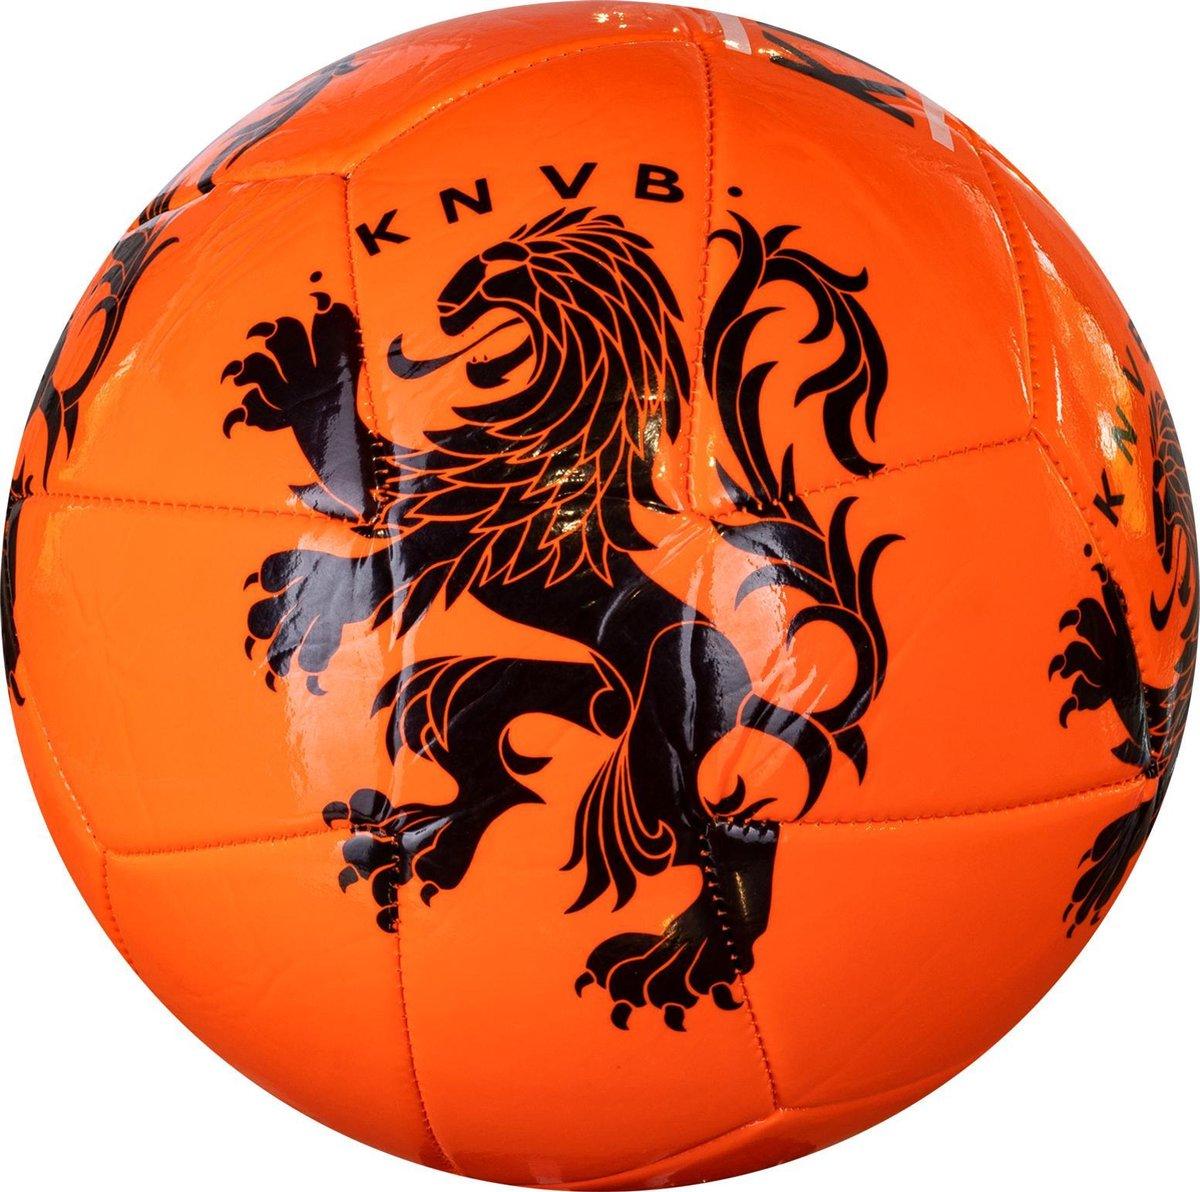 Nederlands Elftal KNVB voetbal - Maat 5